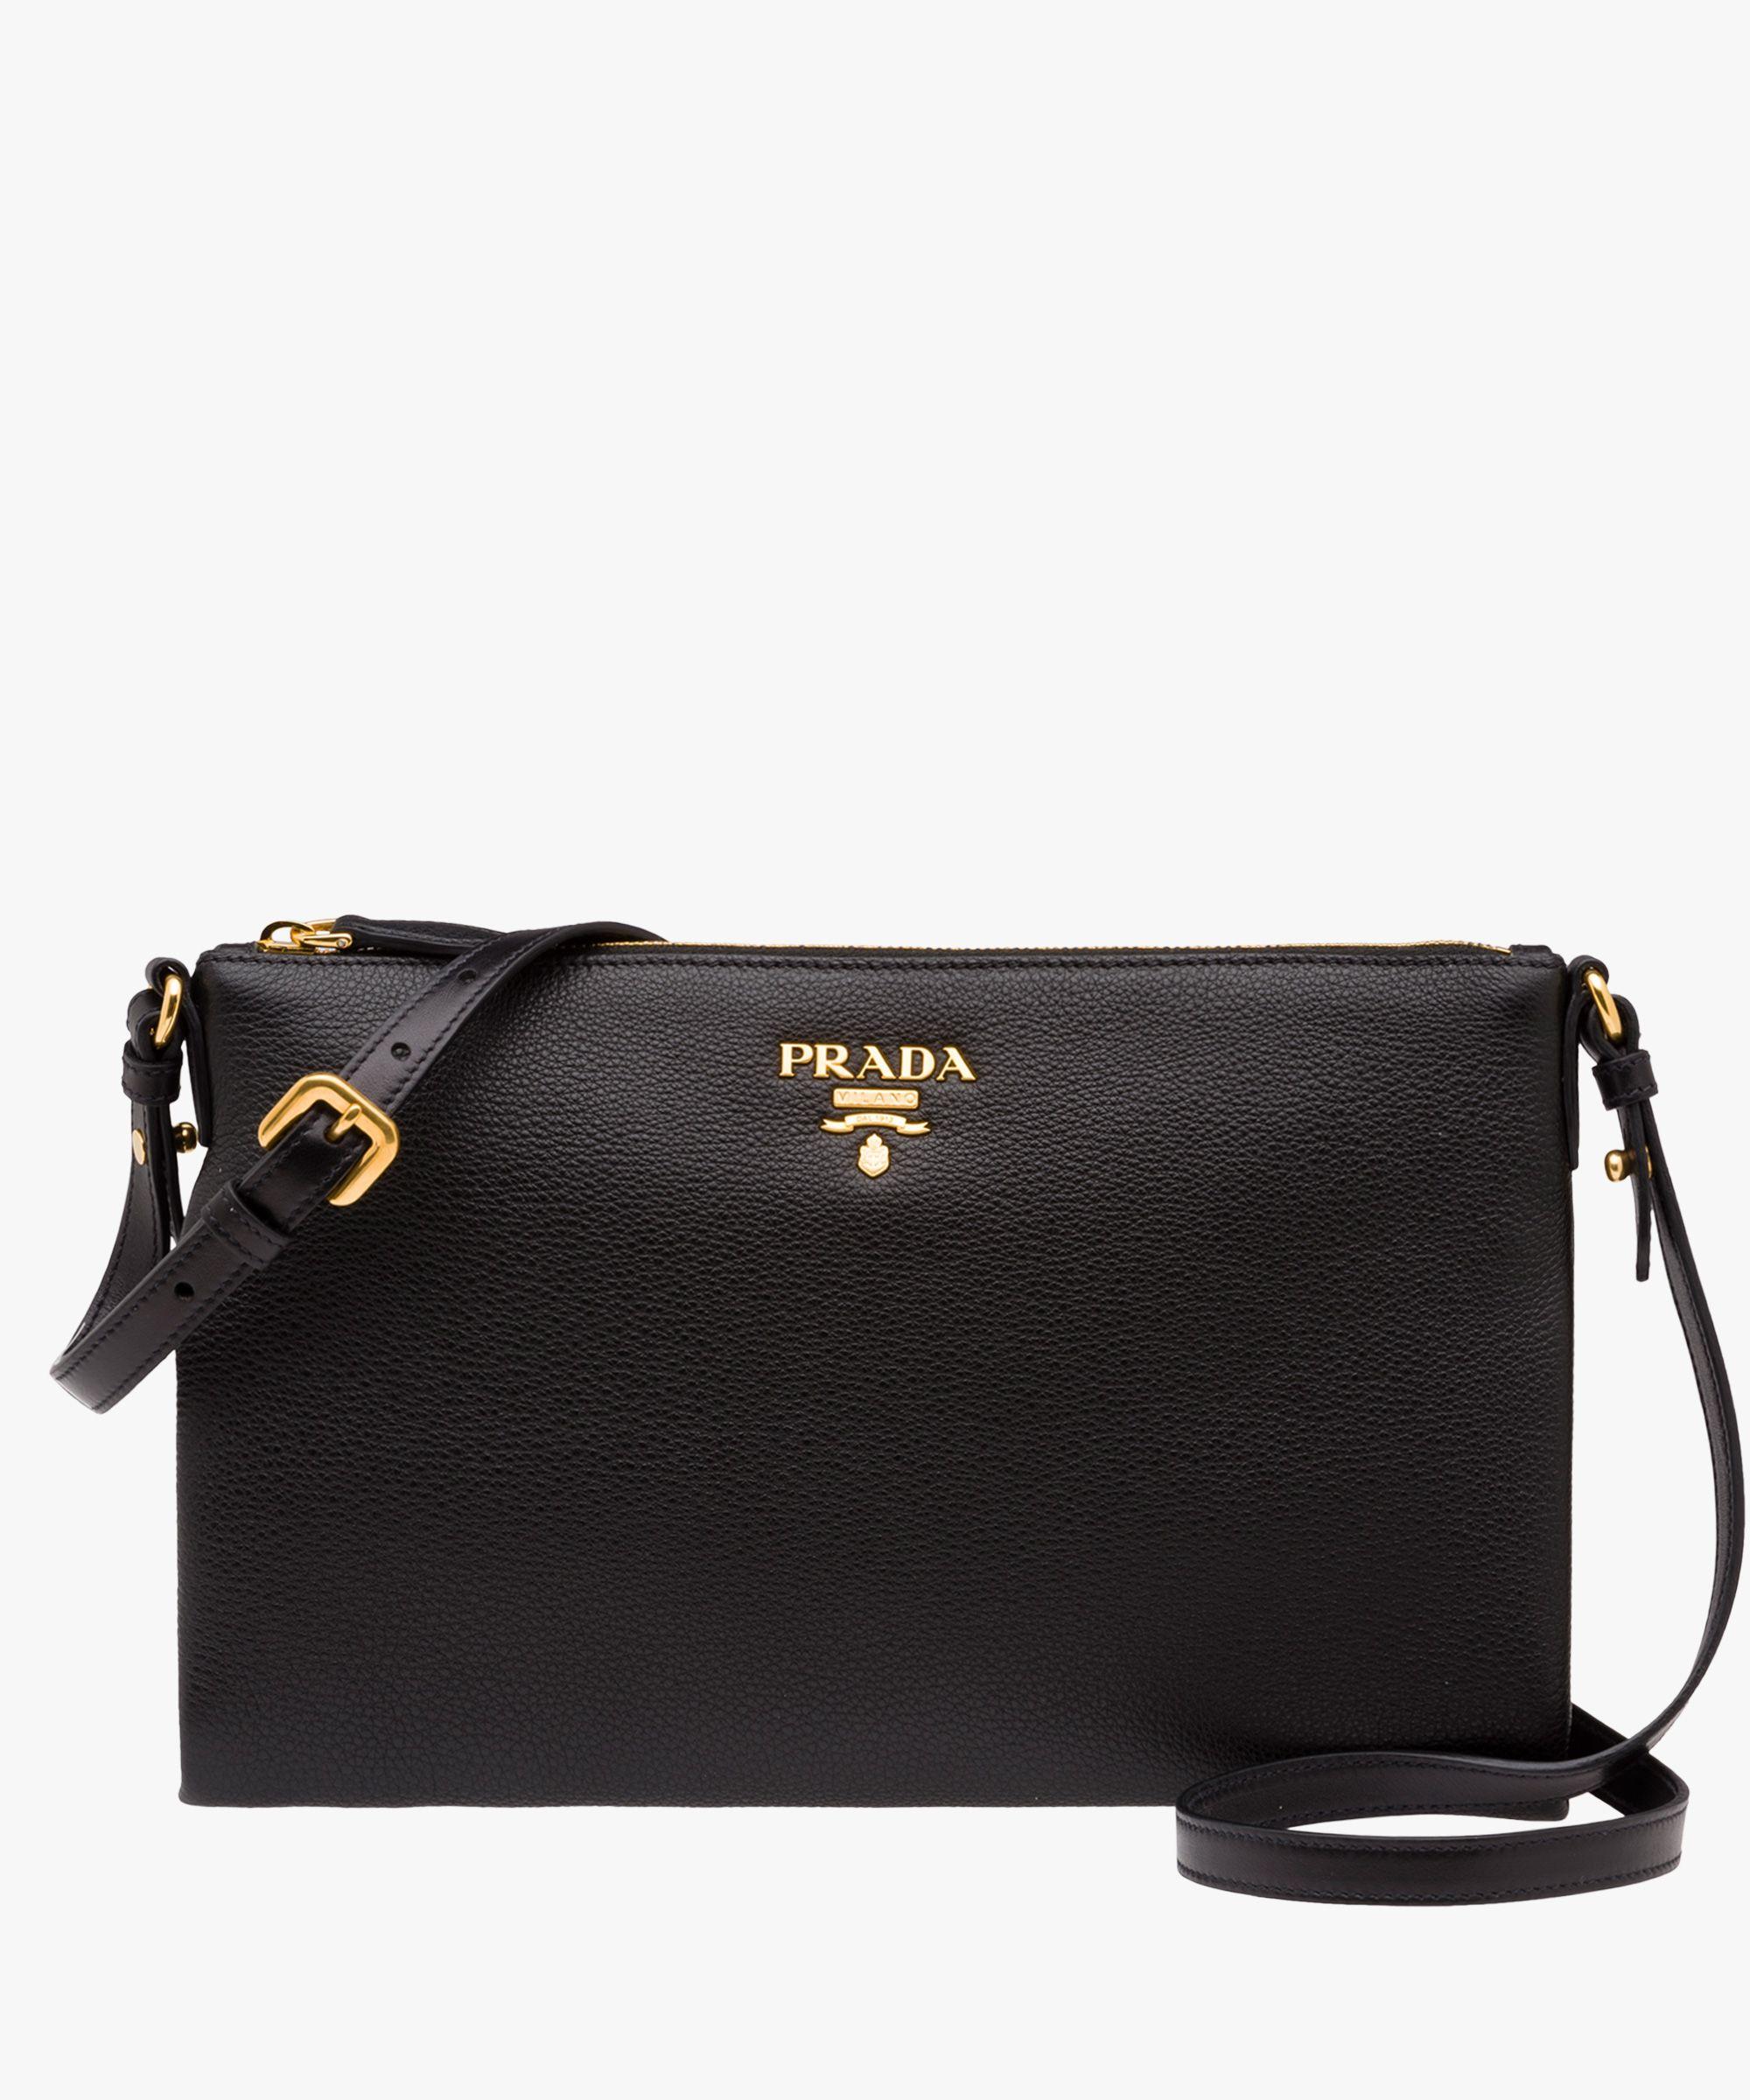 b1f296187365 Prada Shoulder Bag